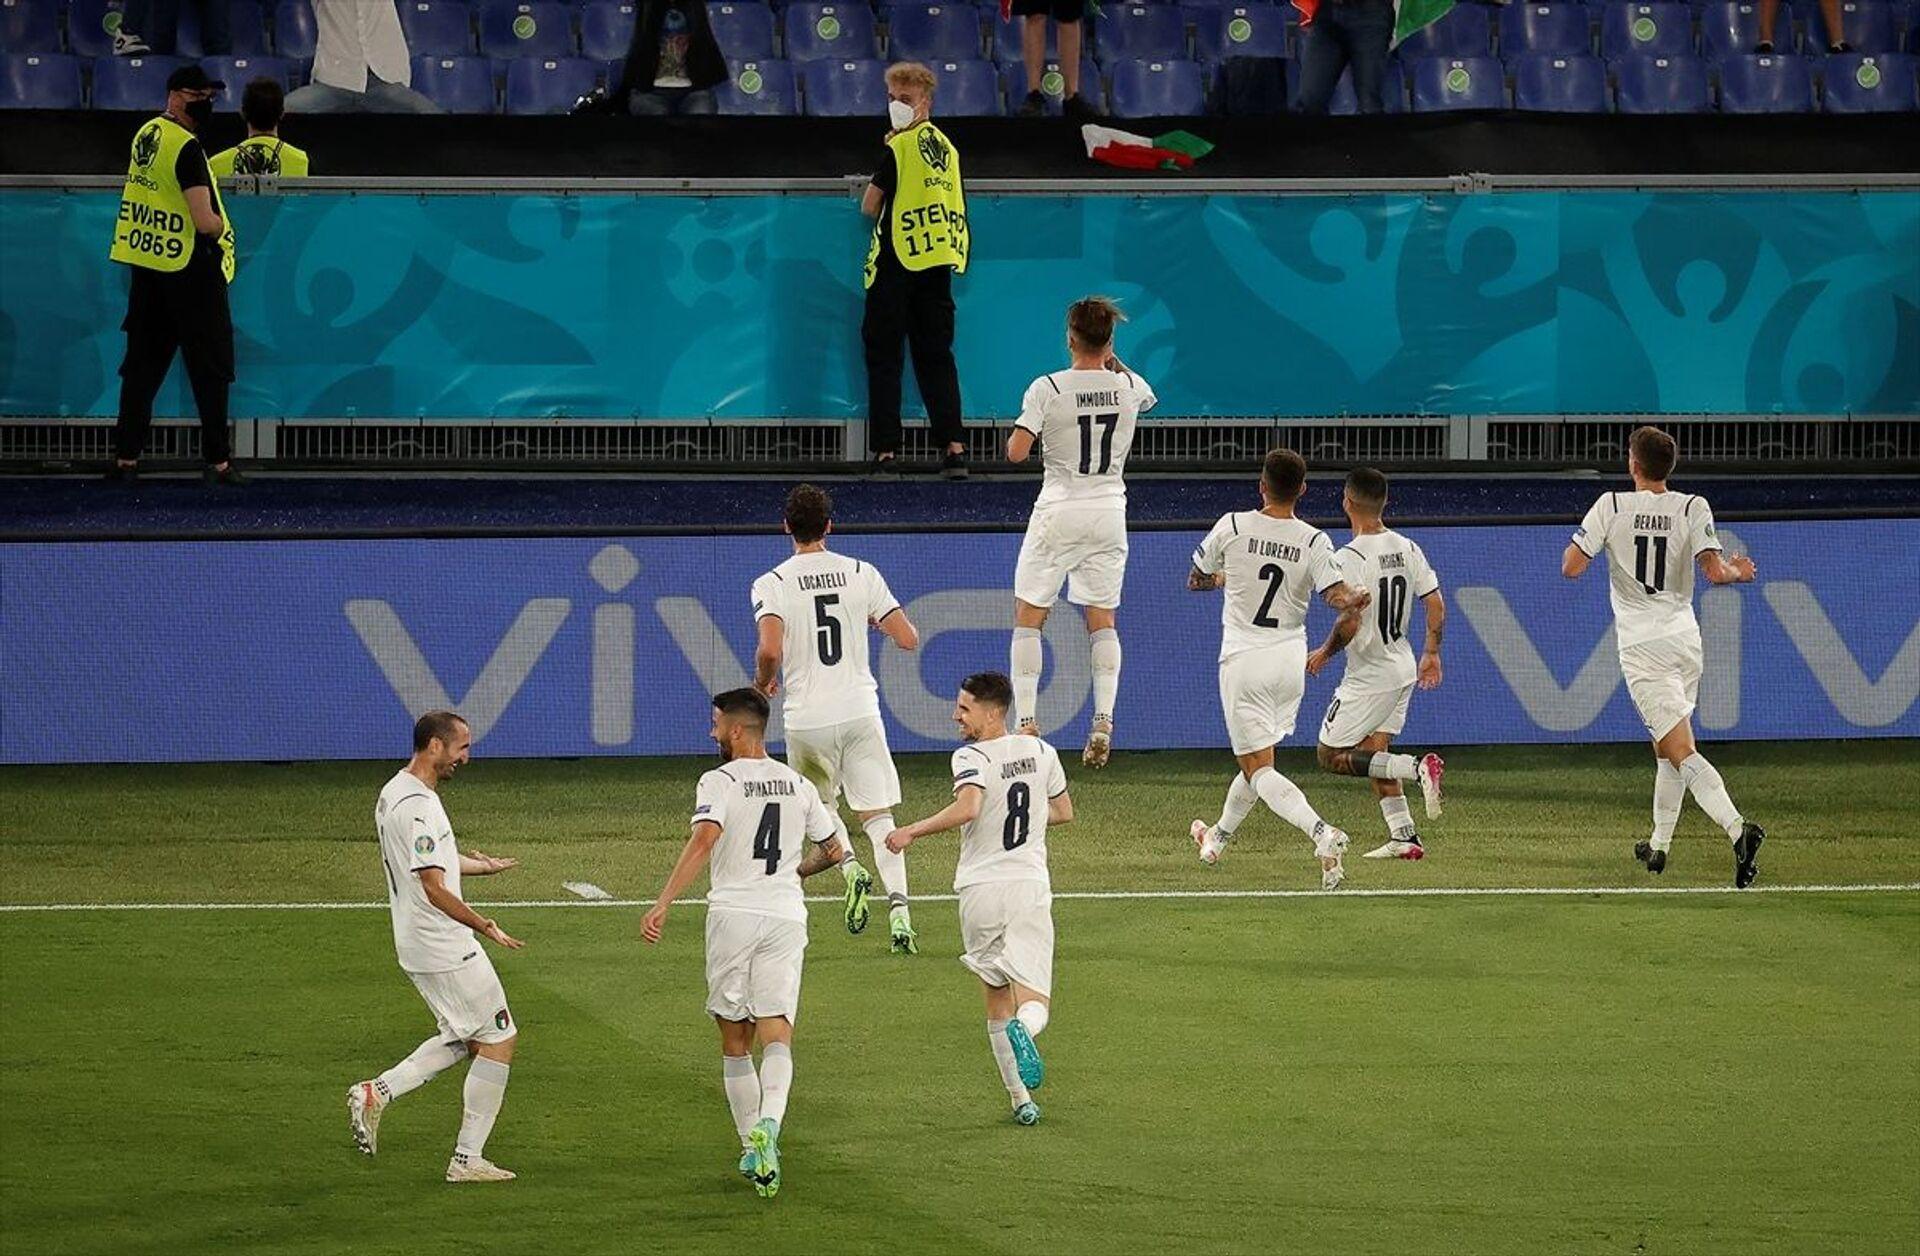 Mücadelenin kalan dakikalarında başka gol olmadı ve İtalya sahadan 3-0 üstün ayrıldı. - Sputnik Türkiye, 1920, 10.08.2021